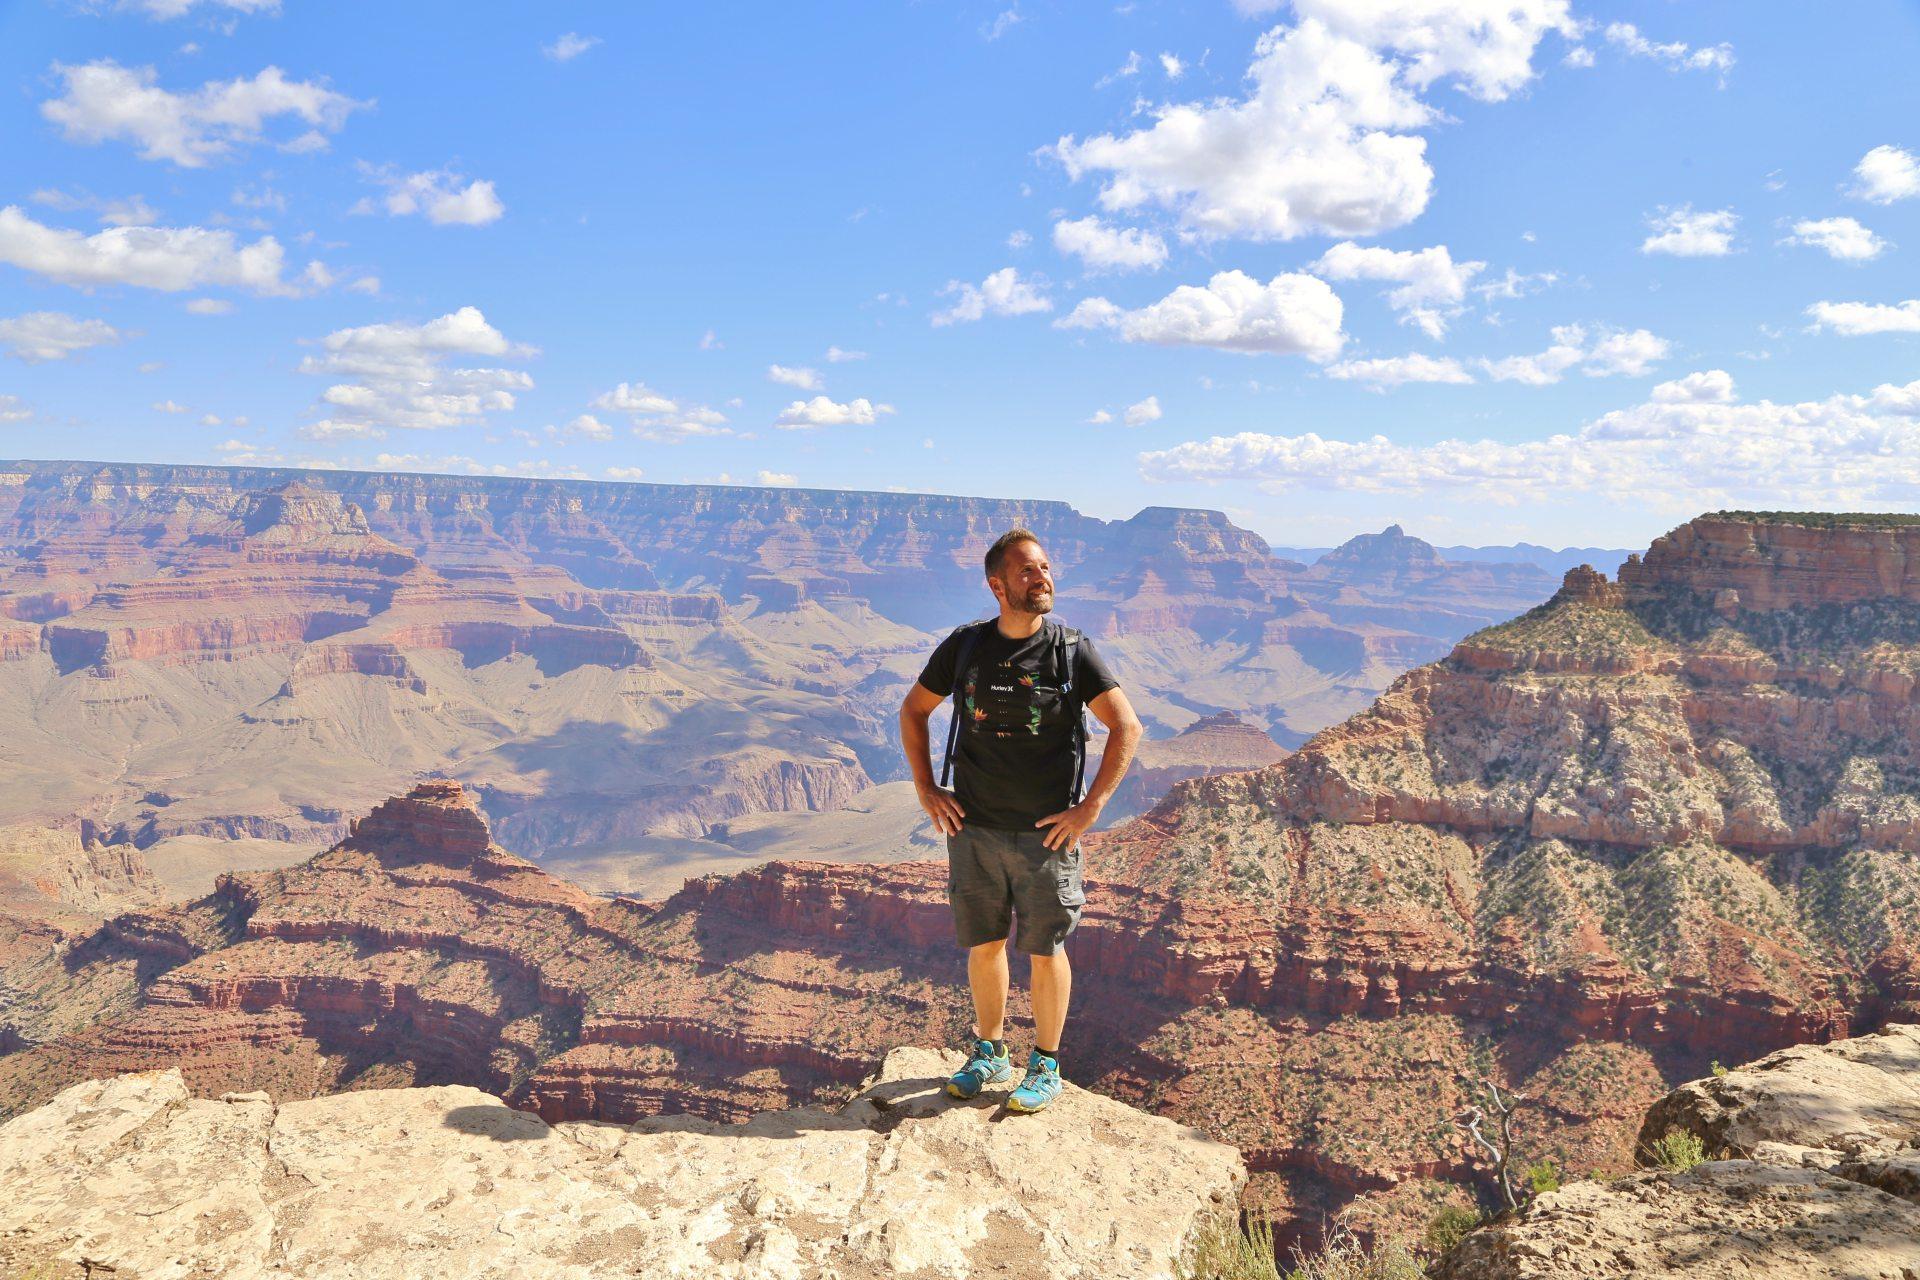 Bitte treten Sie NICHT zurück! - Arizona, Aussicht, Fernsicht, Grand Canyon National Park, Himmel, Landschaft, Natur, Panorama, Personen, Portrait, Porträt, Rim Trail, Schatten, Schlucht, Wattewolken, Wolken - WEISSINGER Andreas - (Grand Canyon, Arizona, Vereinigte Staaten)